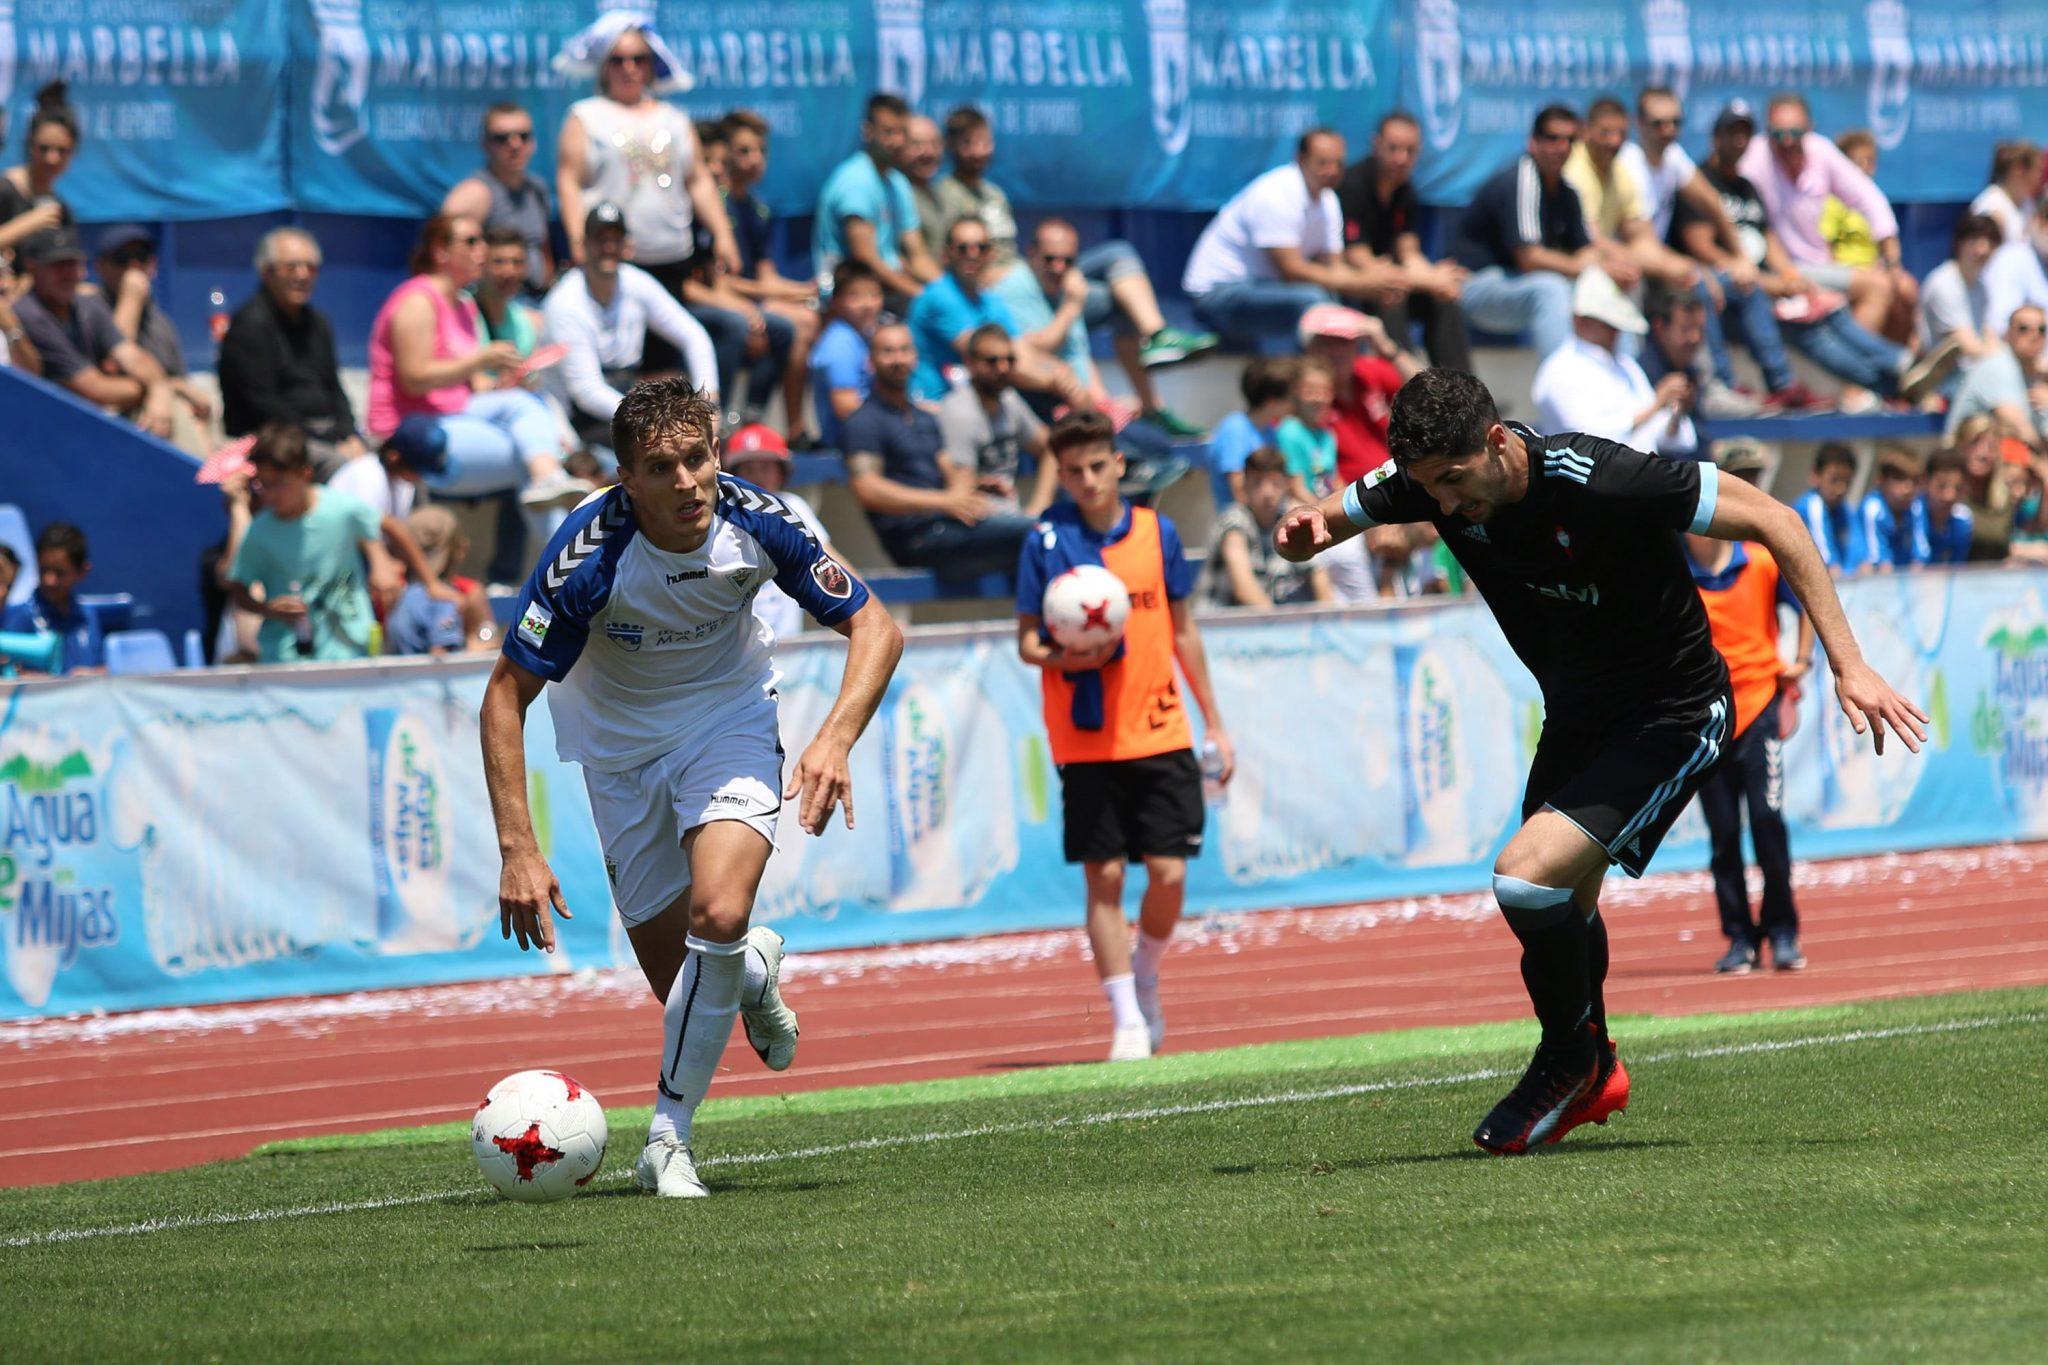 Un gran Marbella FC pierde la carrera por el ascenso debido a los penaltis